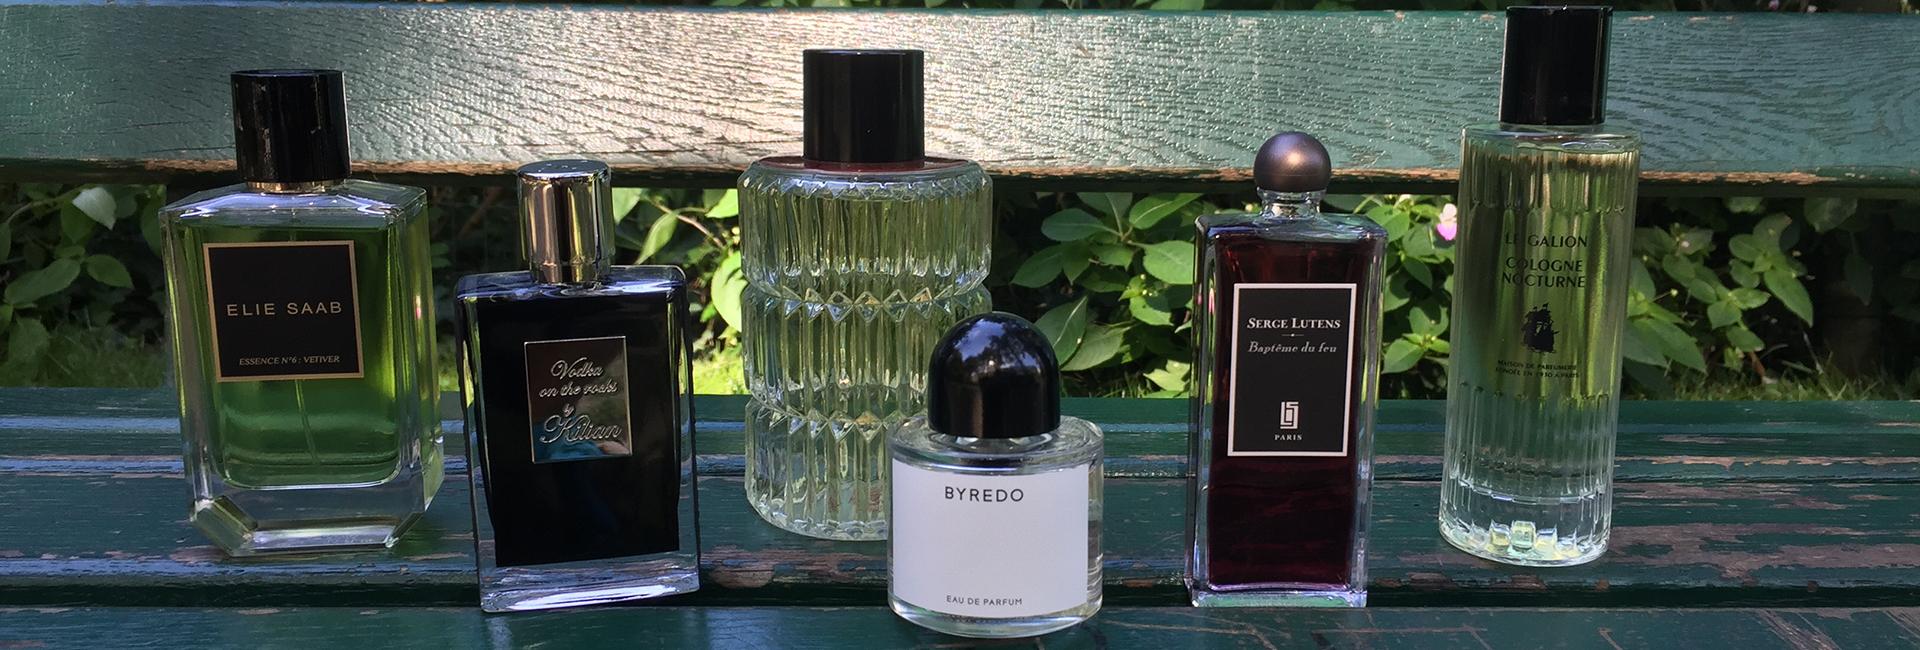 nouveautes-parfumees-rentree-blog-beaute-soin-parfum-homme